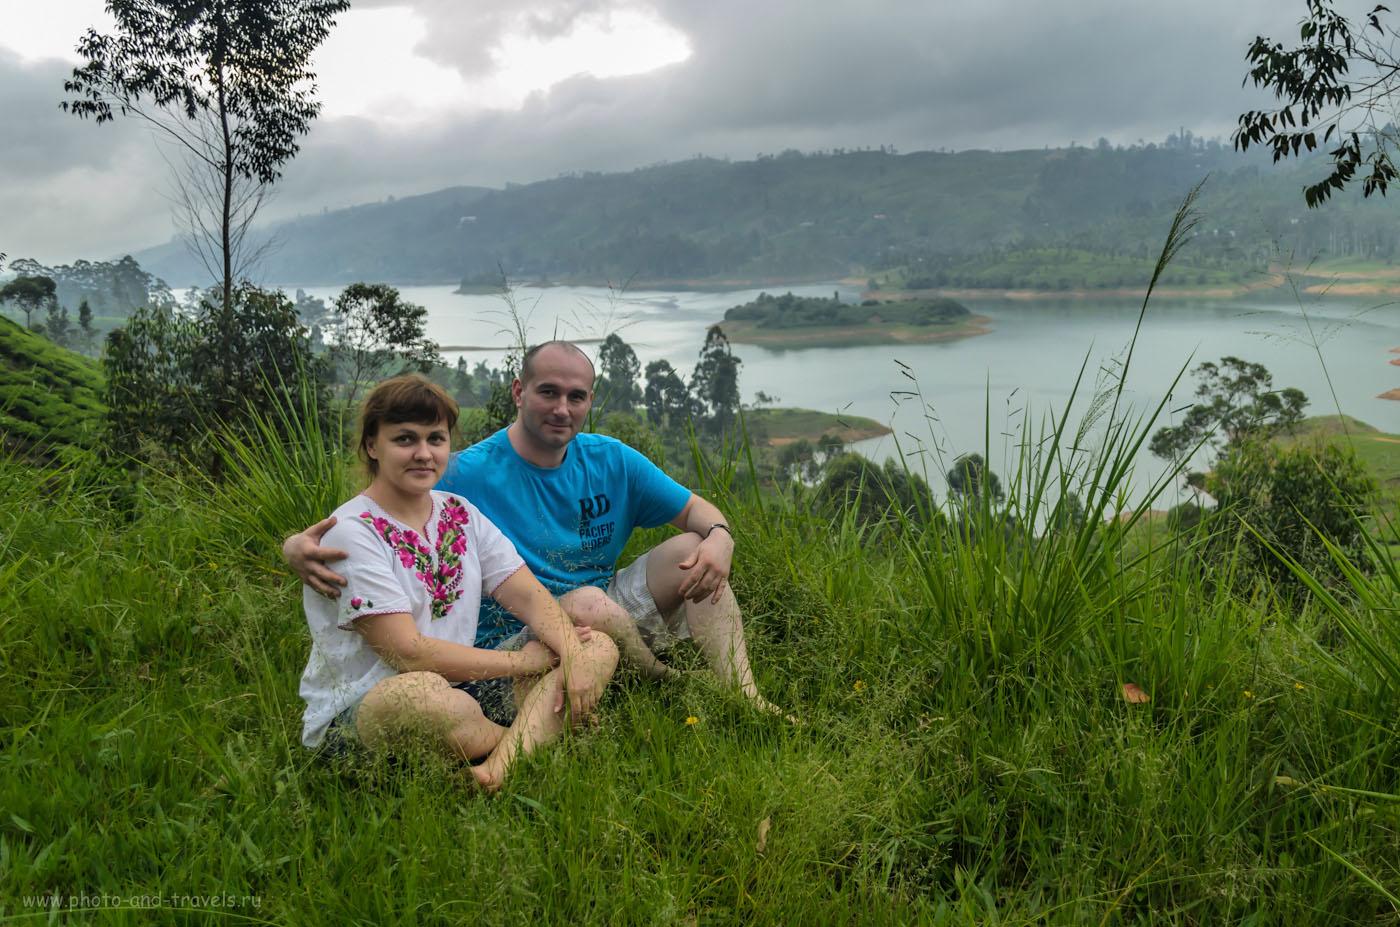 Фотография 21. На одном из серпантинов, цепляющемся за склон горы. На заднем плане - водохранилище Маскелия, образованное при строительстве плотины Maskeliya Dam. Самостоятельный тур по Шри-Ланке в мае. Отзывы туристов.